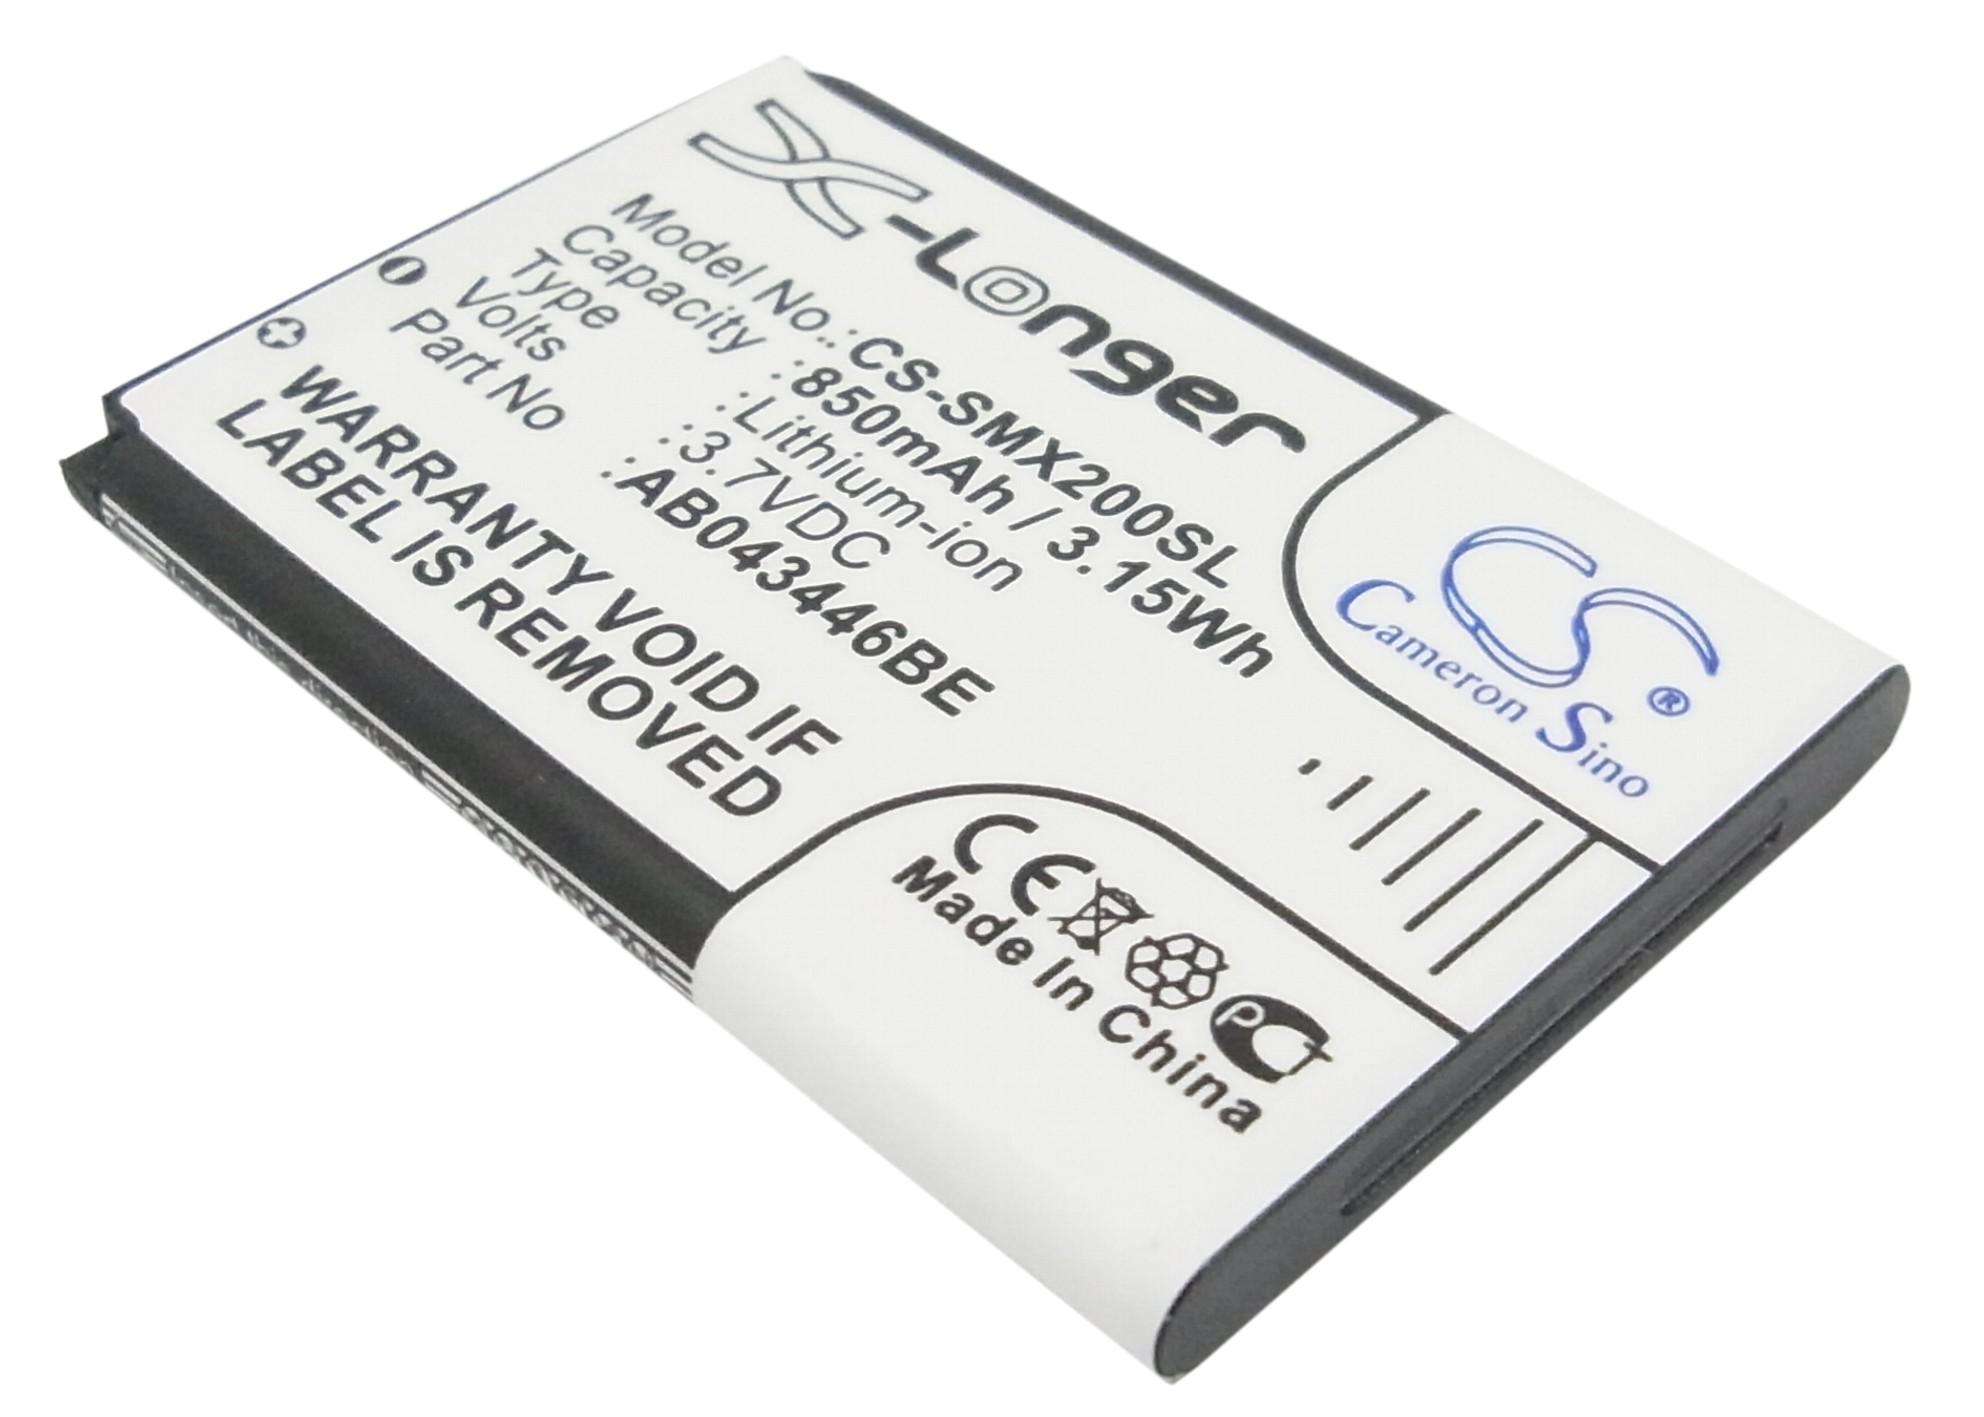 Cameron Sino baterie do mobilů pro SAMSUNG SGH-B320 3.7V Li-ion 850mAh černá - neoriginální